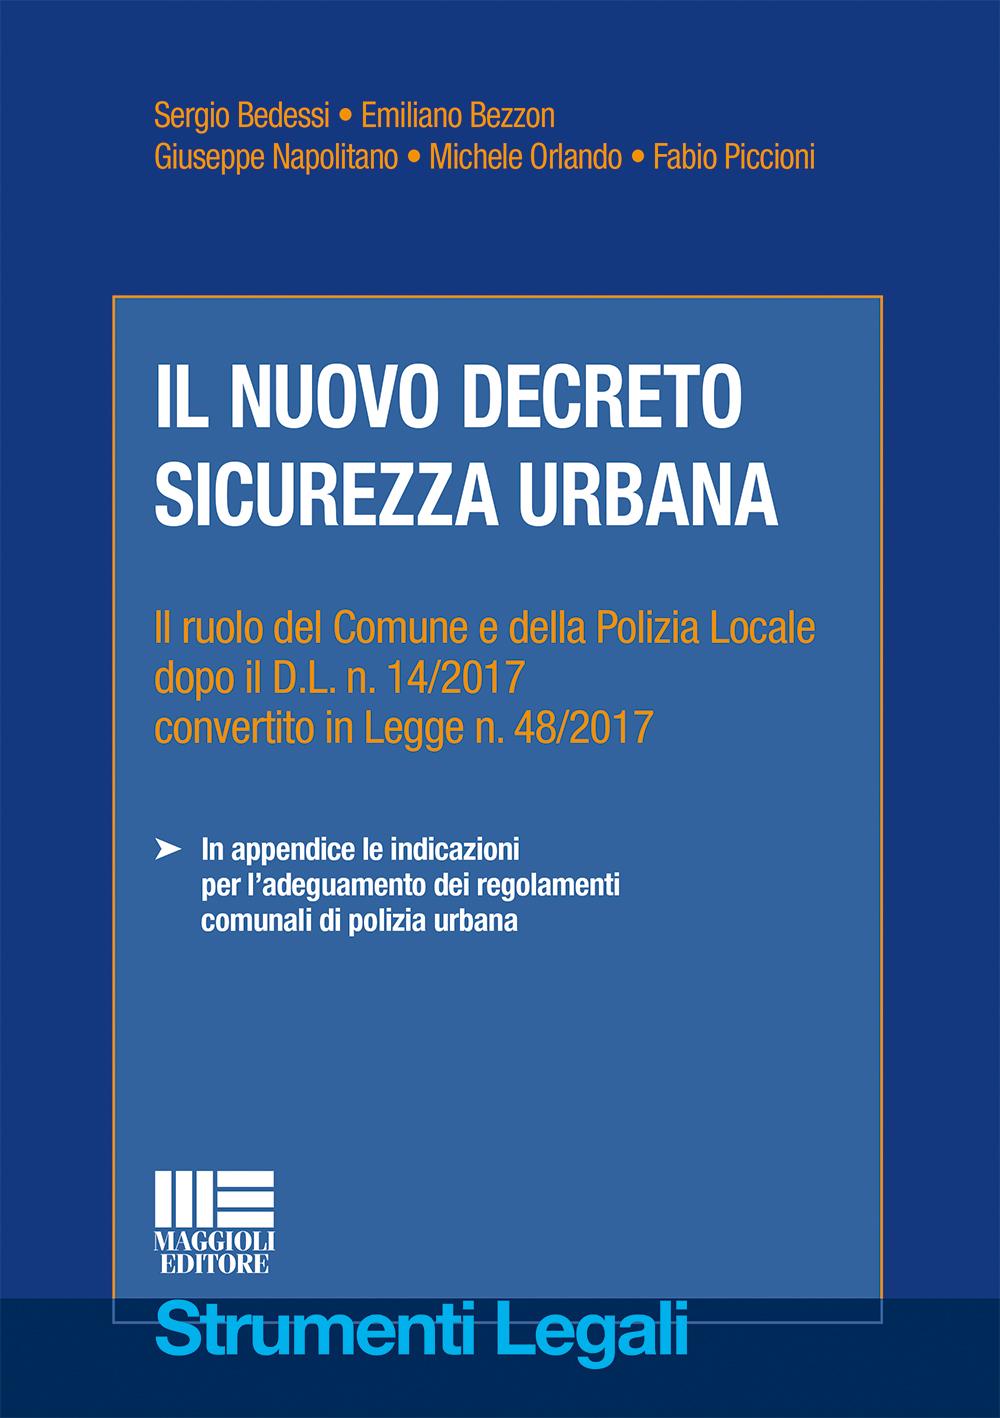 Il nuovo decreto sicurezza urbana